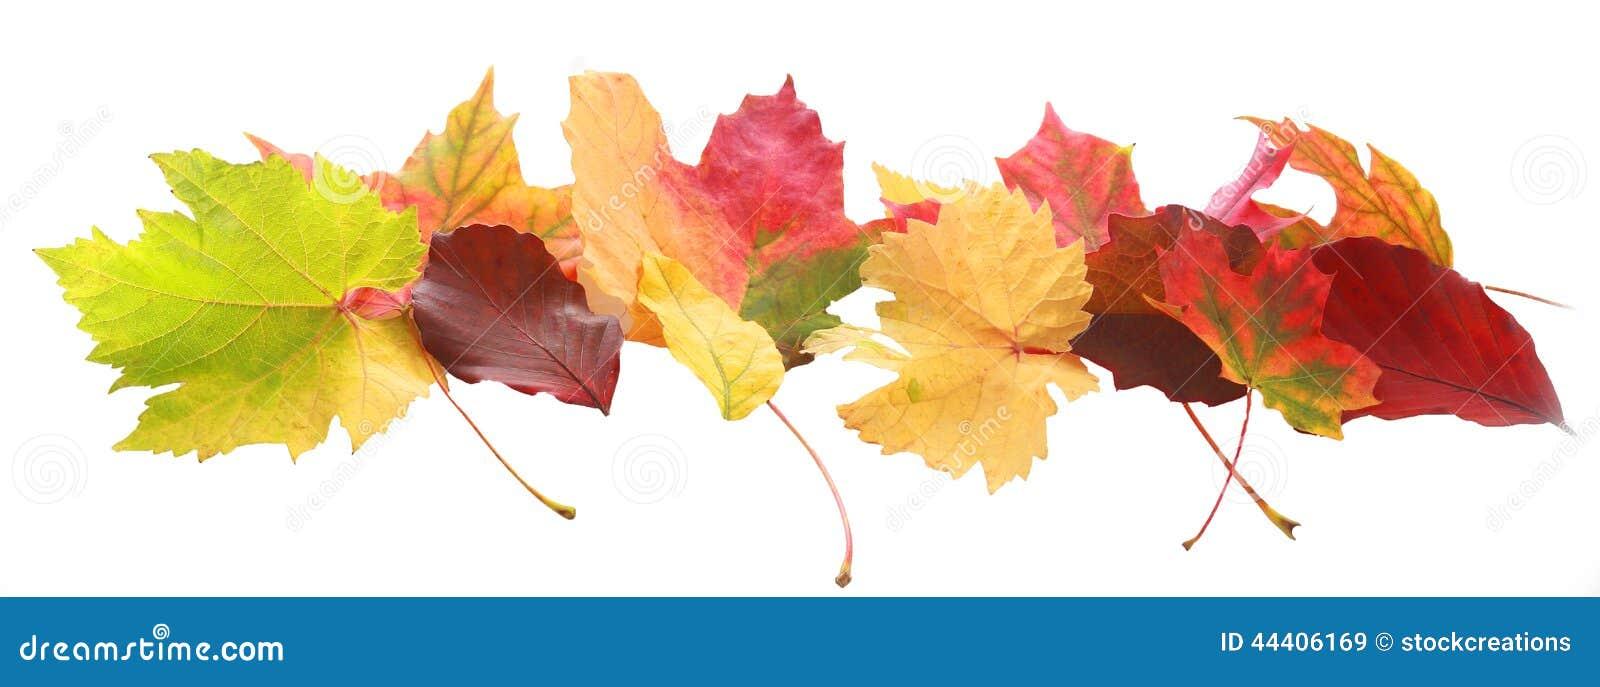 Έμβλημα των ζωηρόχρωμων φύλλων φθινοπώρου ή πτώσης